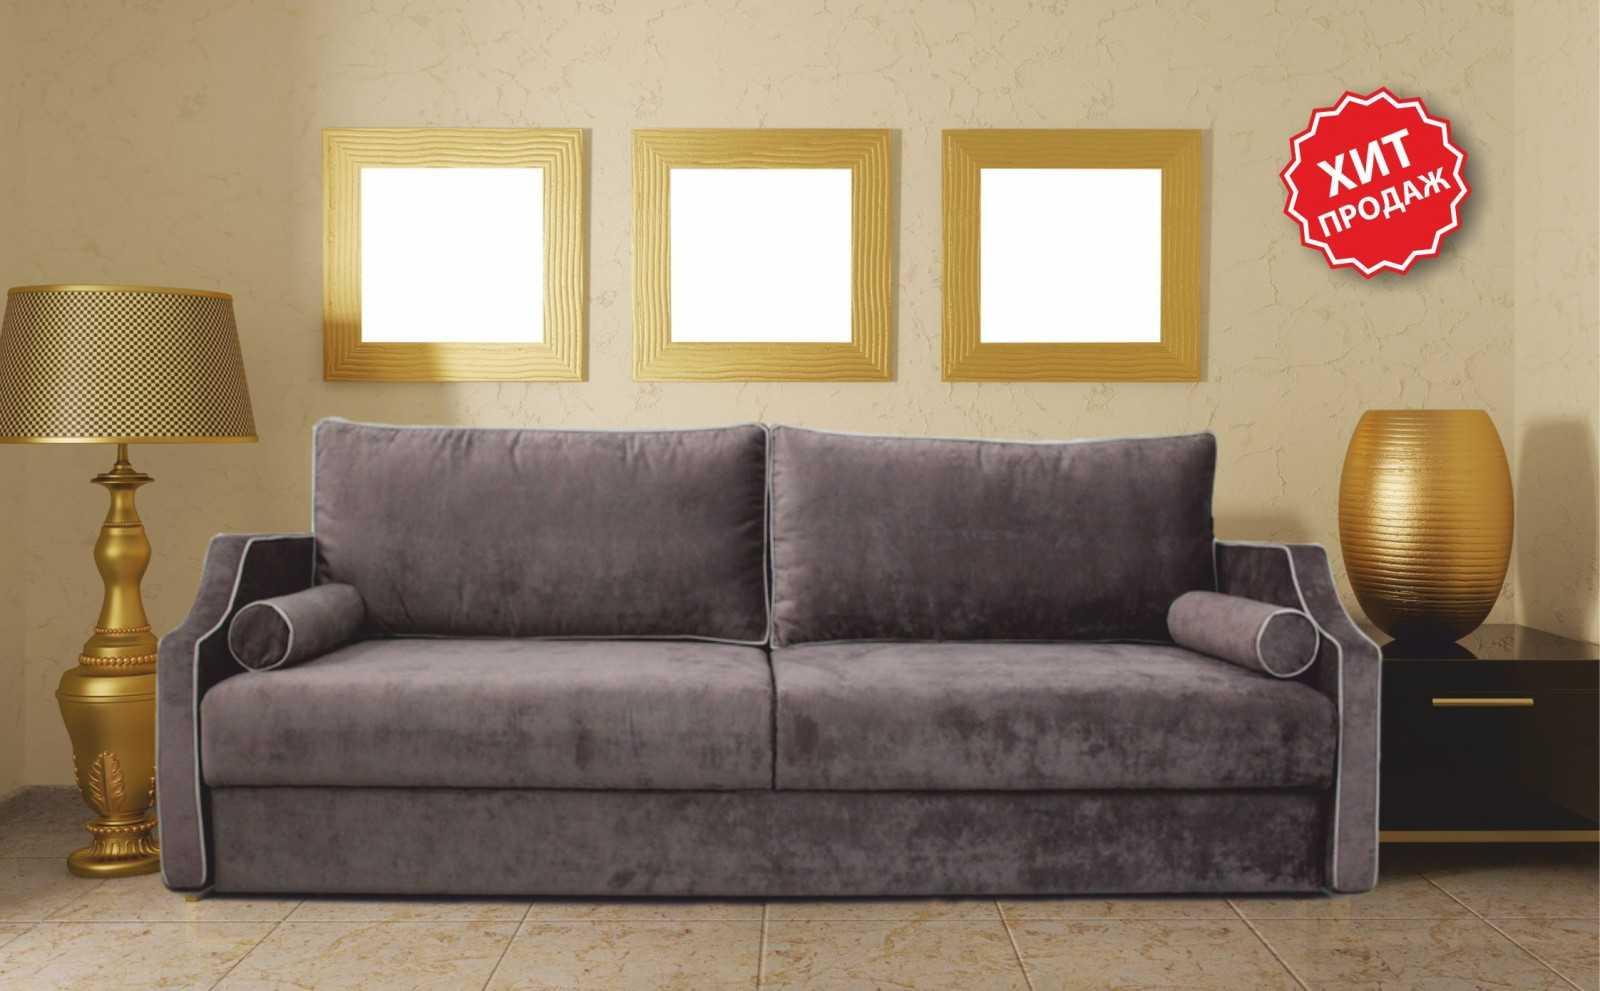 В бизнес-центре «Лира» открылся новый салон мебели и штор «Версаль»